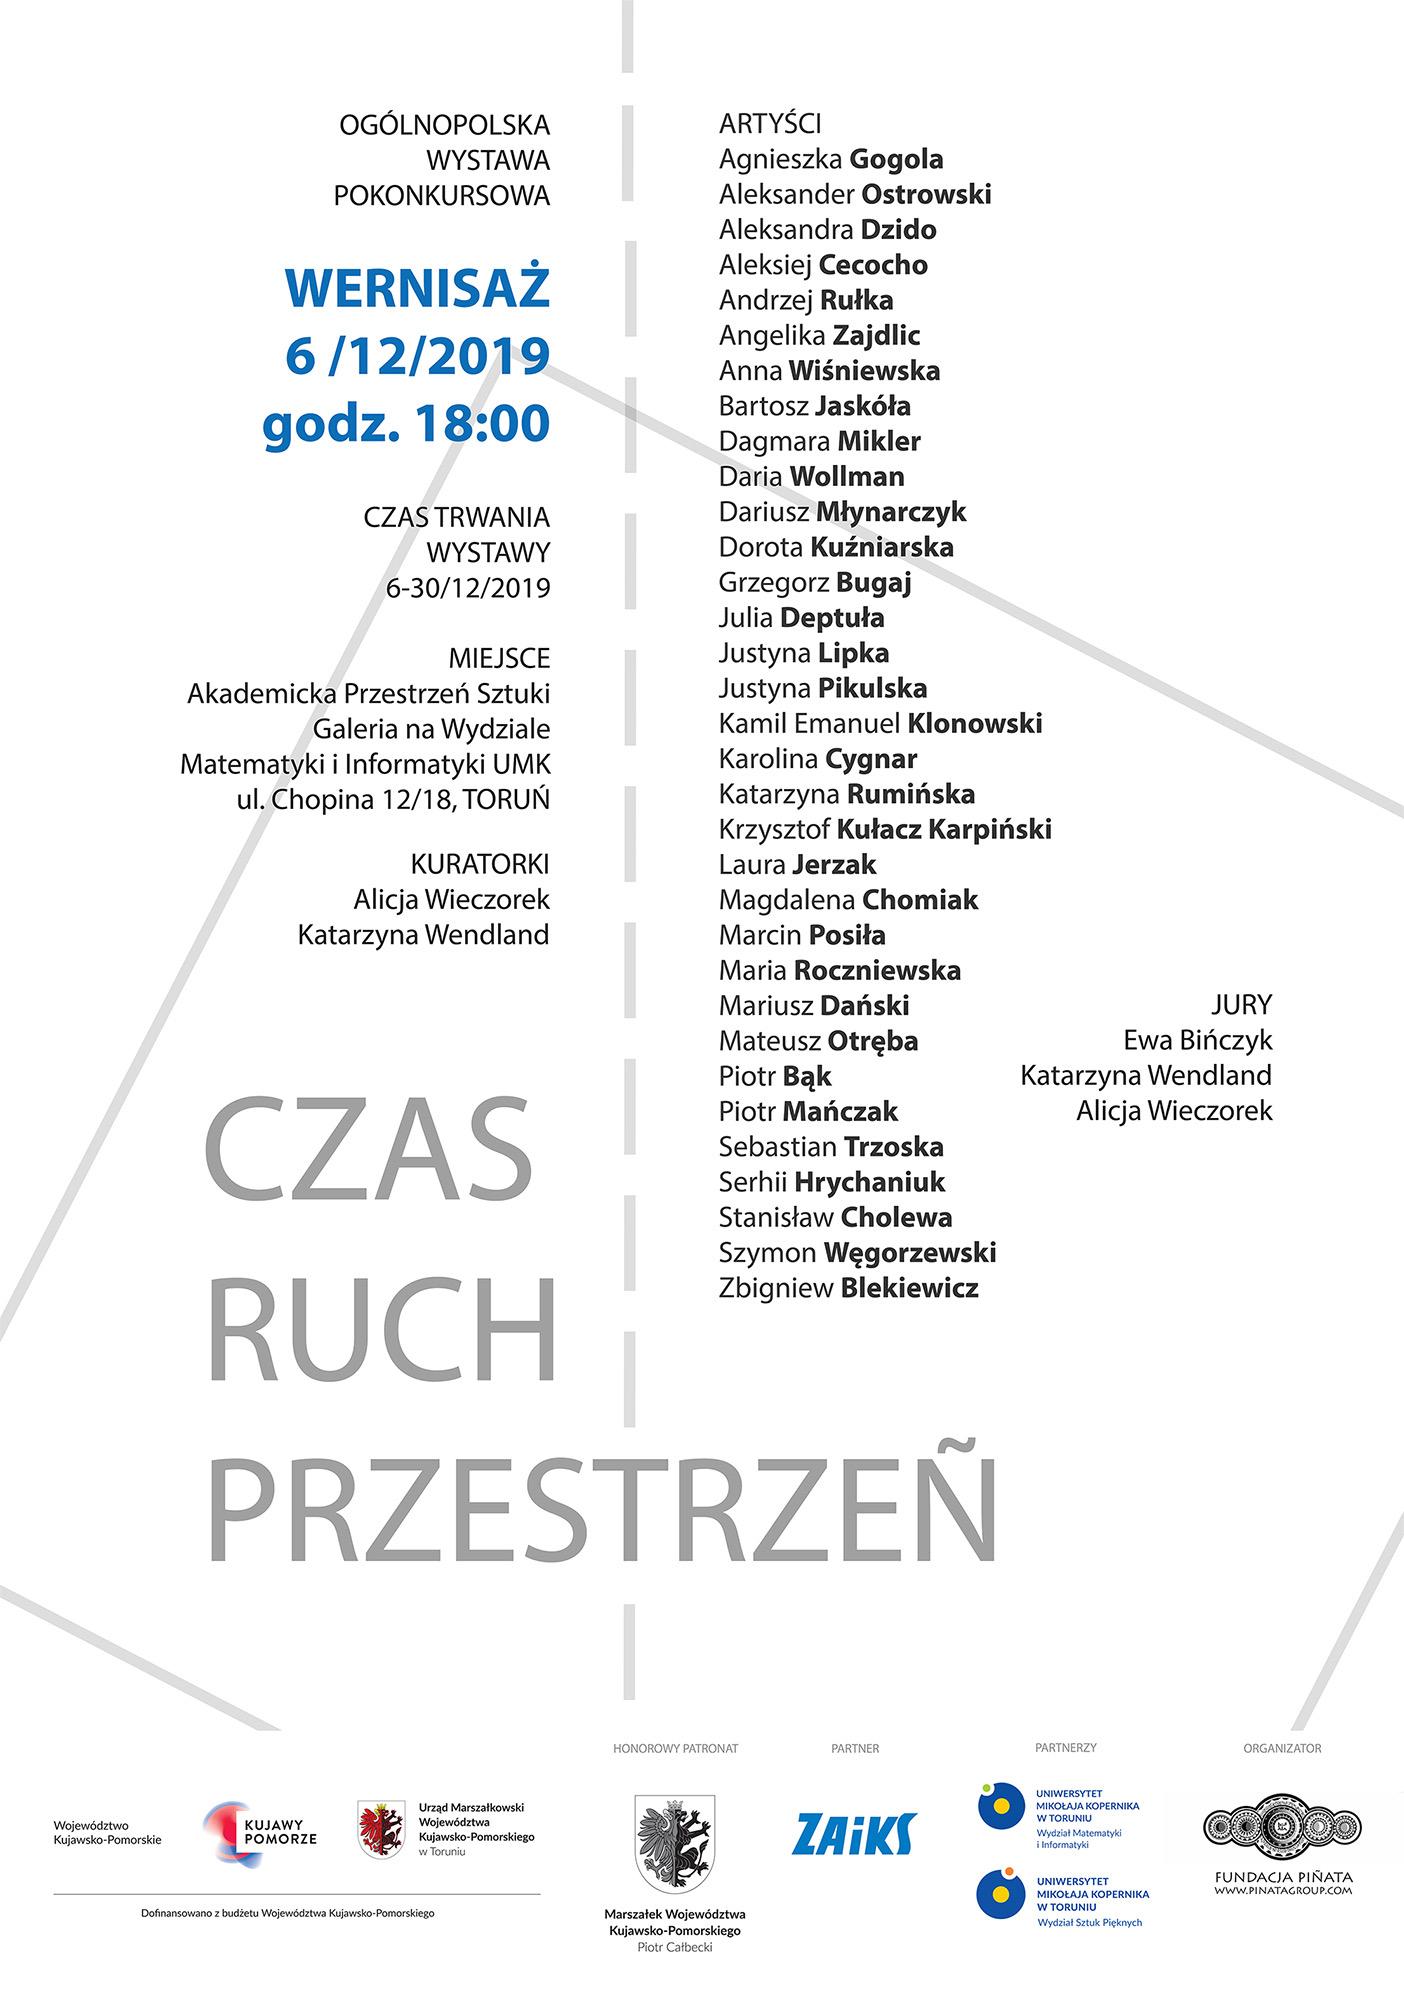 CZAS-RUCH-PRZESTRZEŃ – zaproszenie na wernisaż